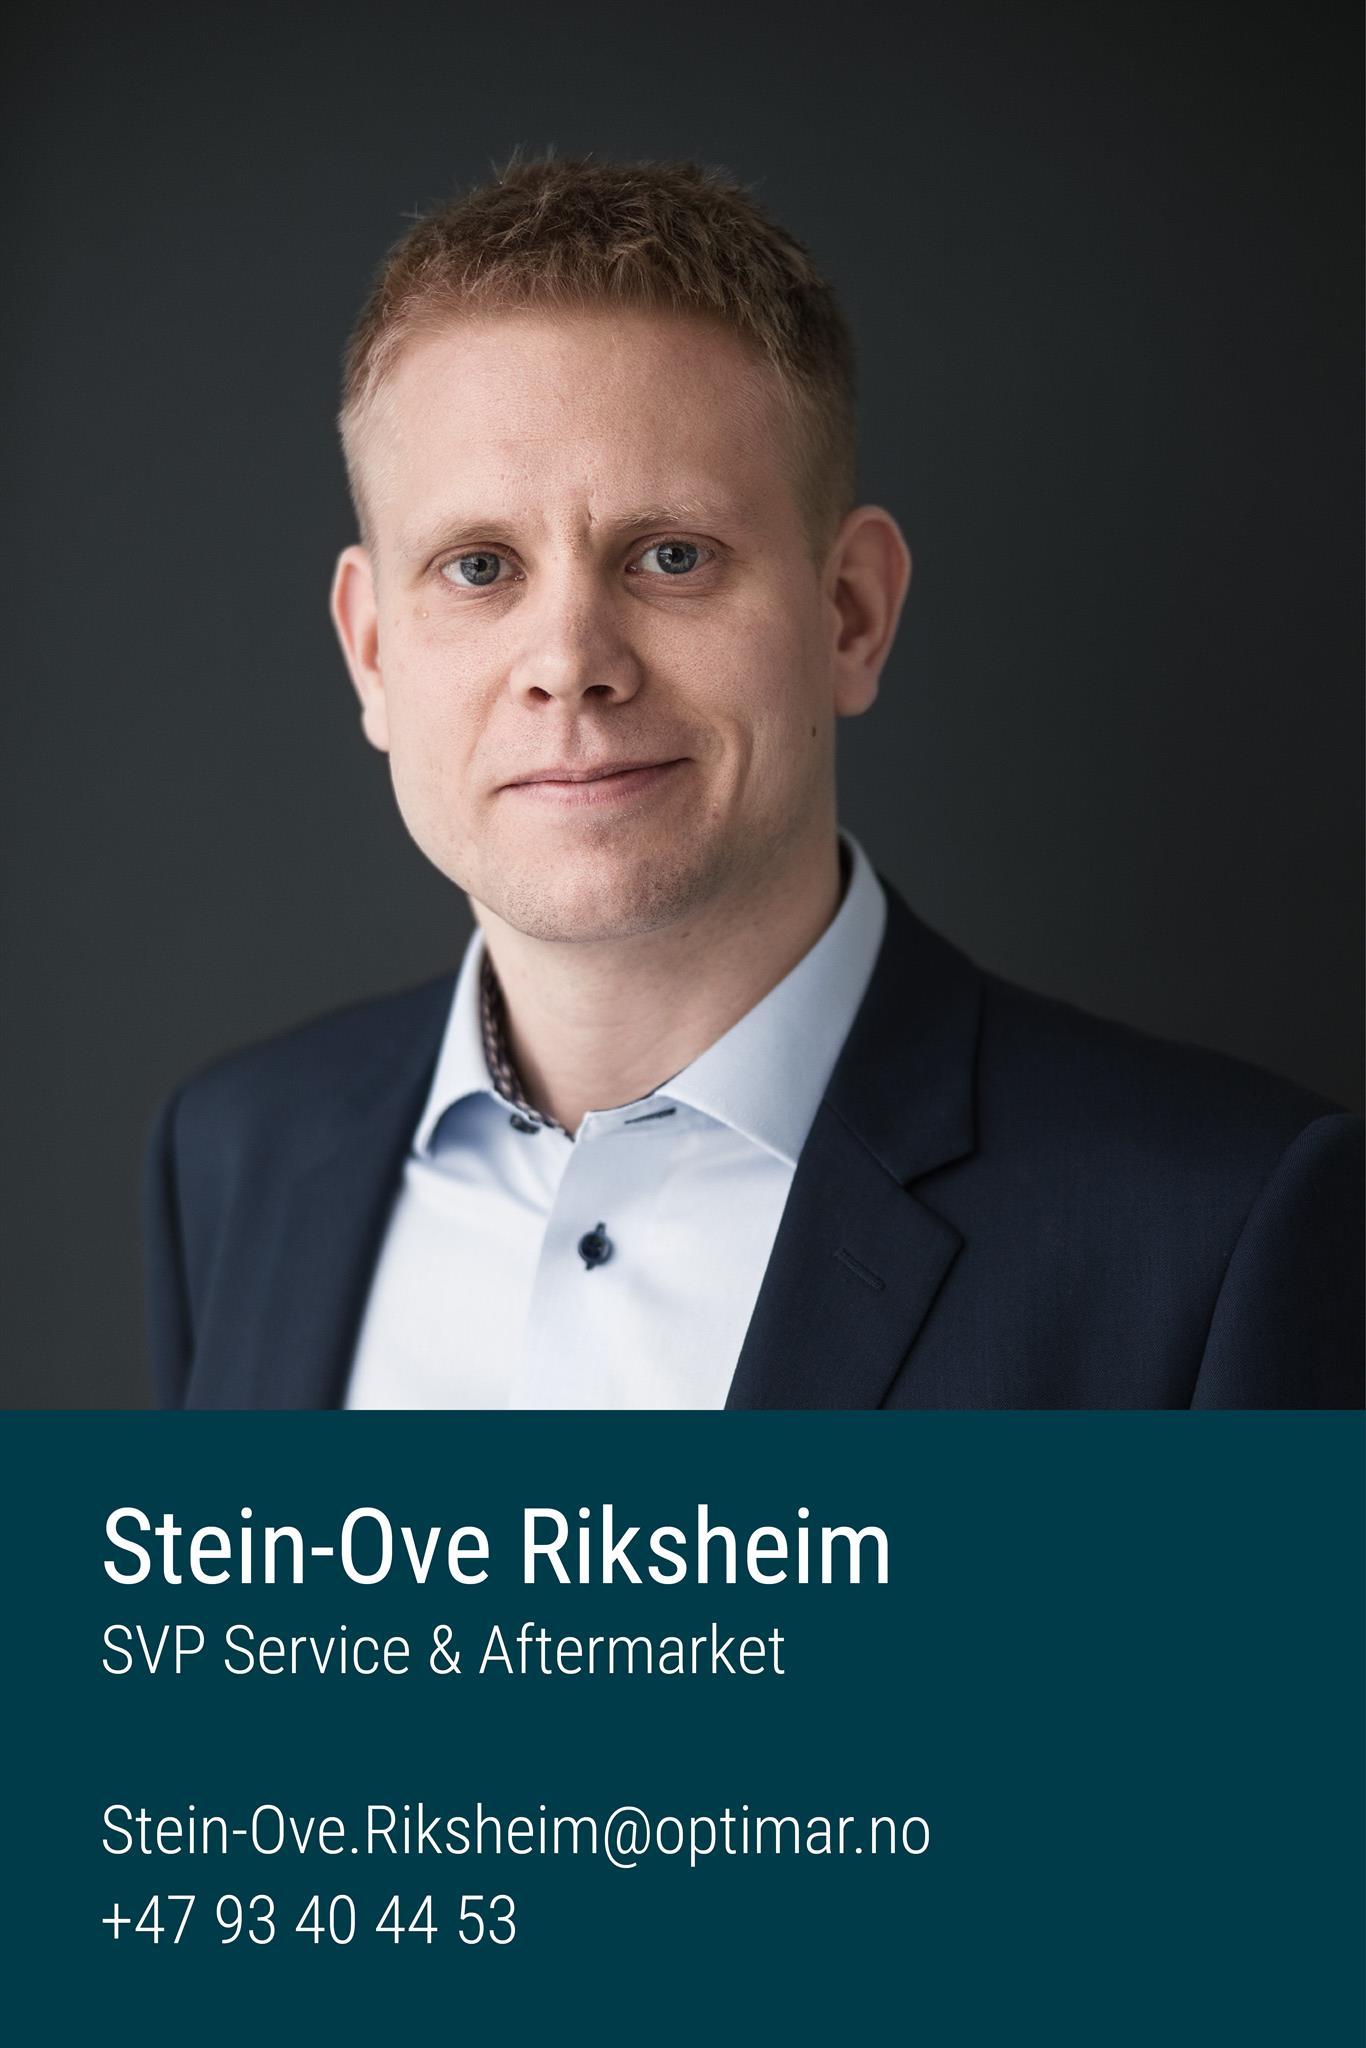 Stein-Ove Riksheim